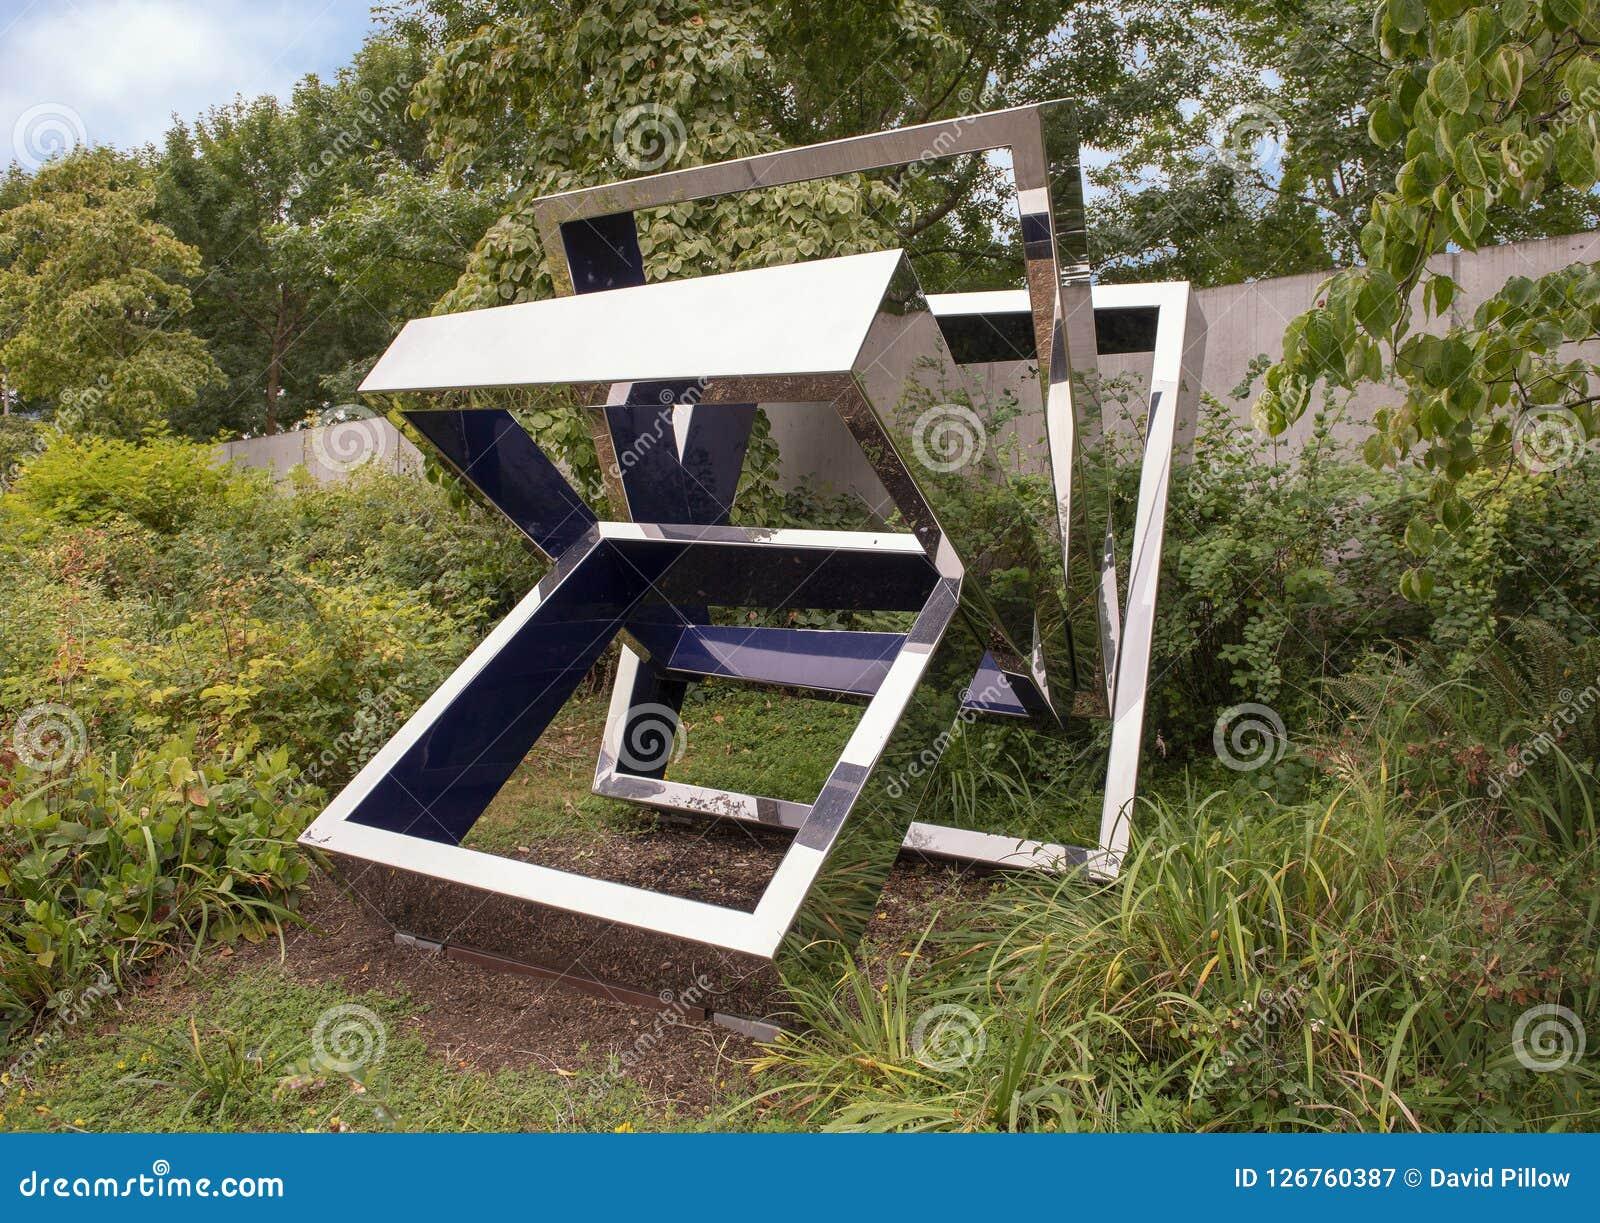 佩列` s由贝弗利胡椒,奥林匹克雕塑公园,西雅图,华盛顿,美国的Ventaglio III